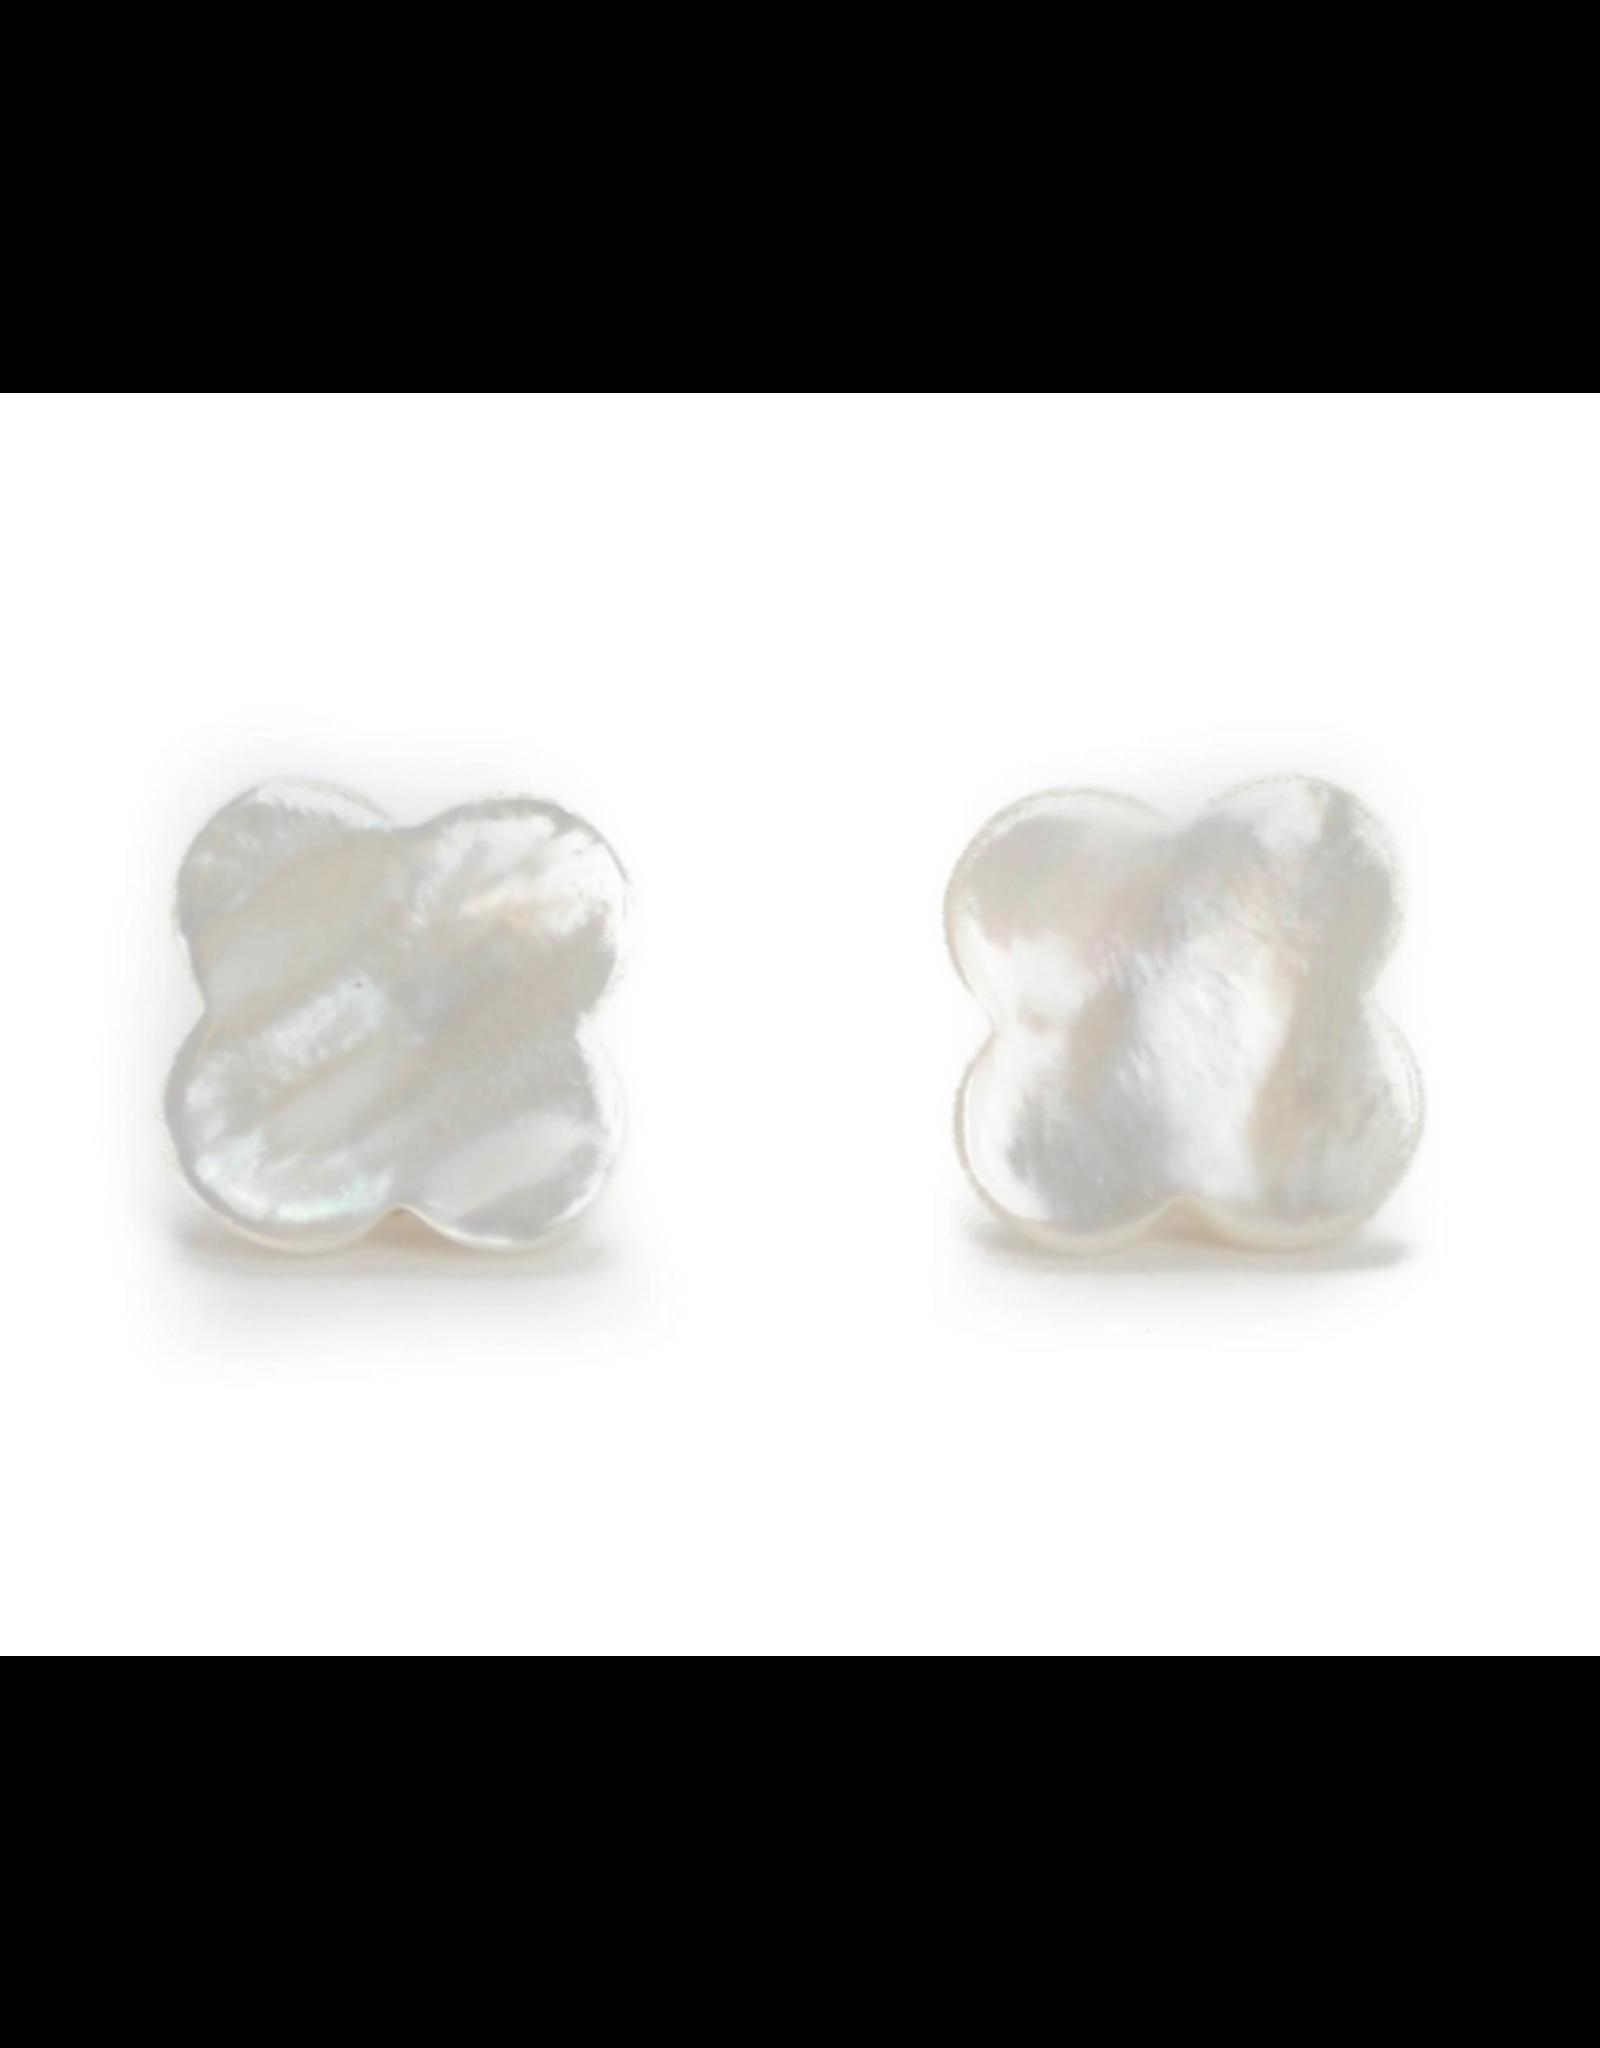 Hazen & Co Hillary Earring in White by Hazen & Co